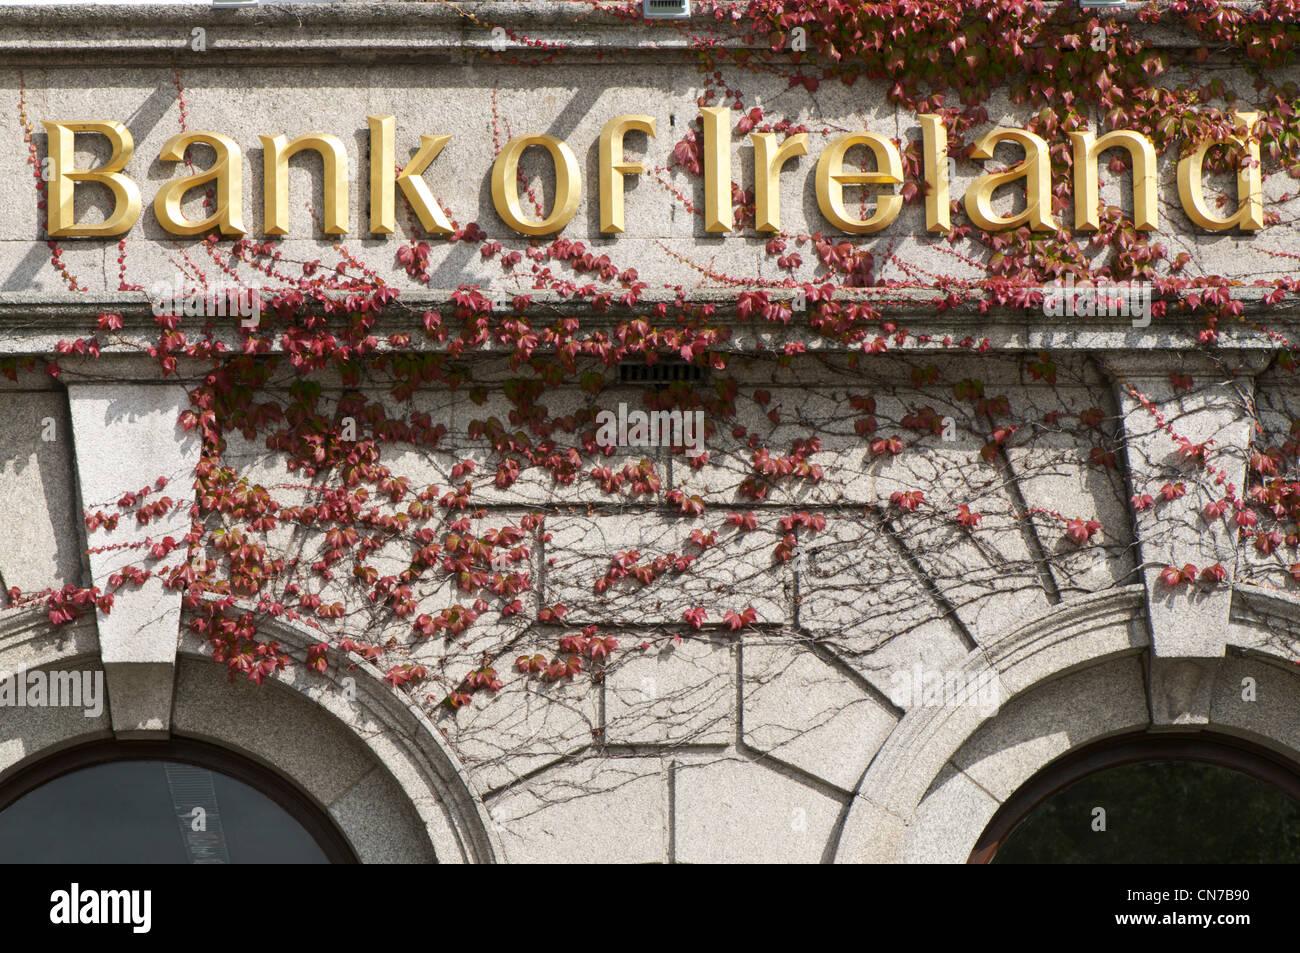 Bank of Ireland - Stock Image